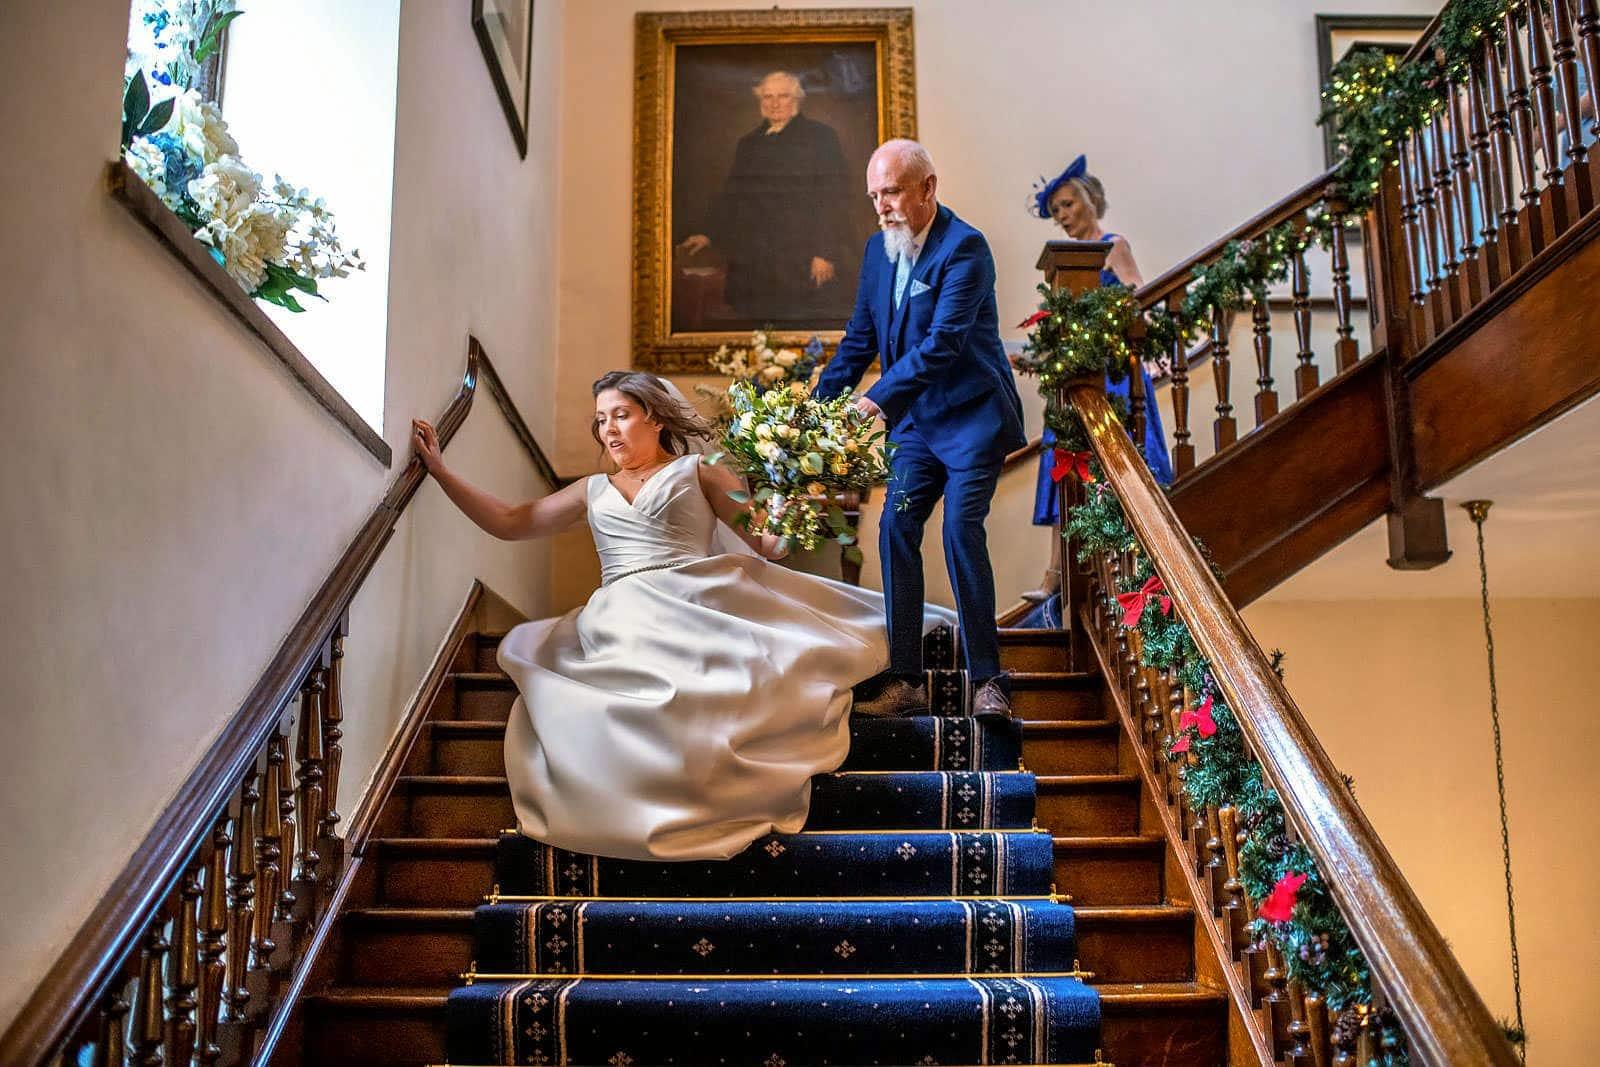 Wedding photography roundup 2019